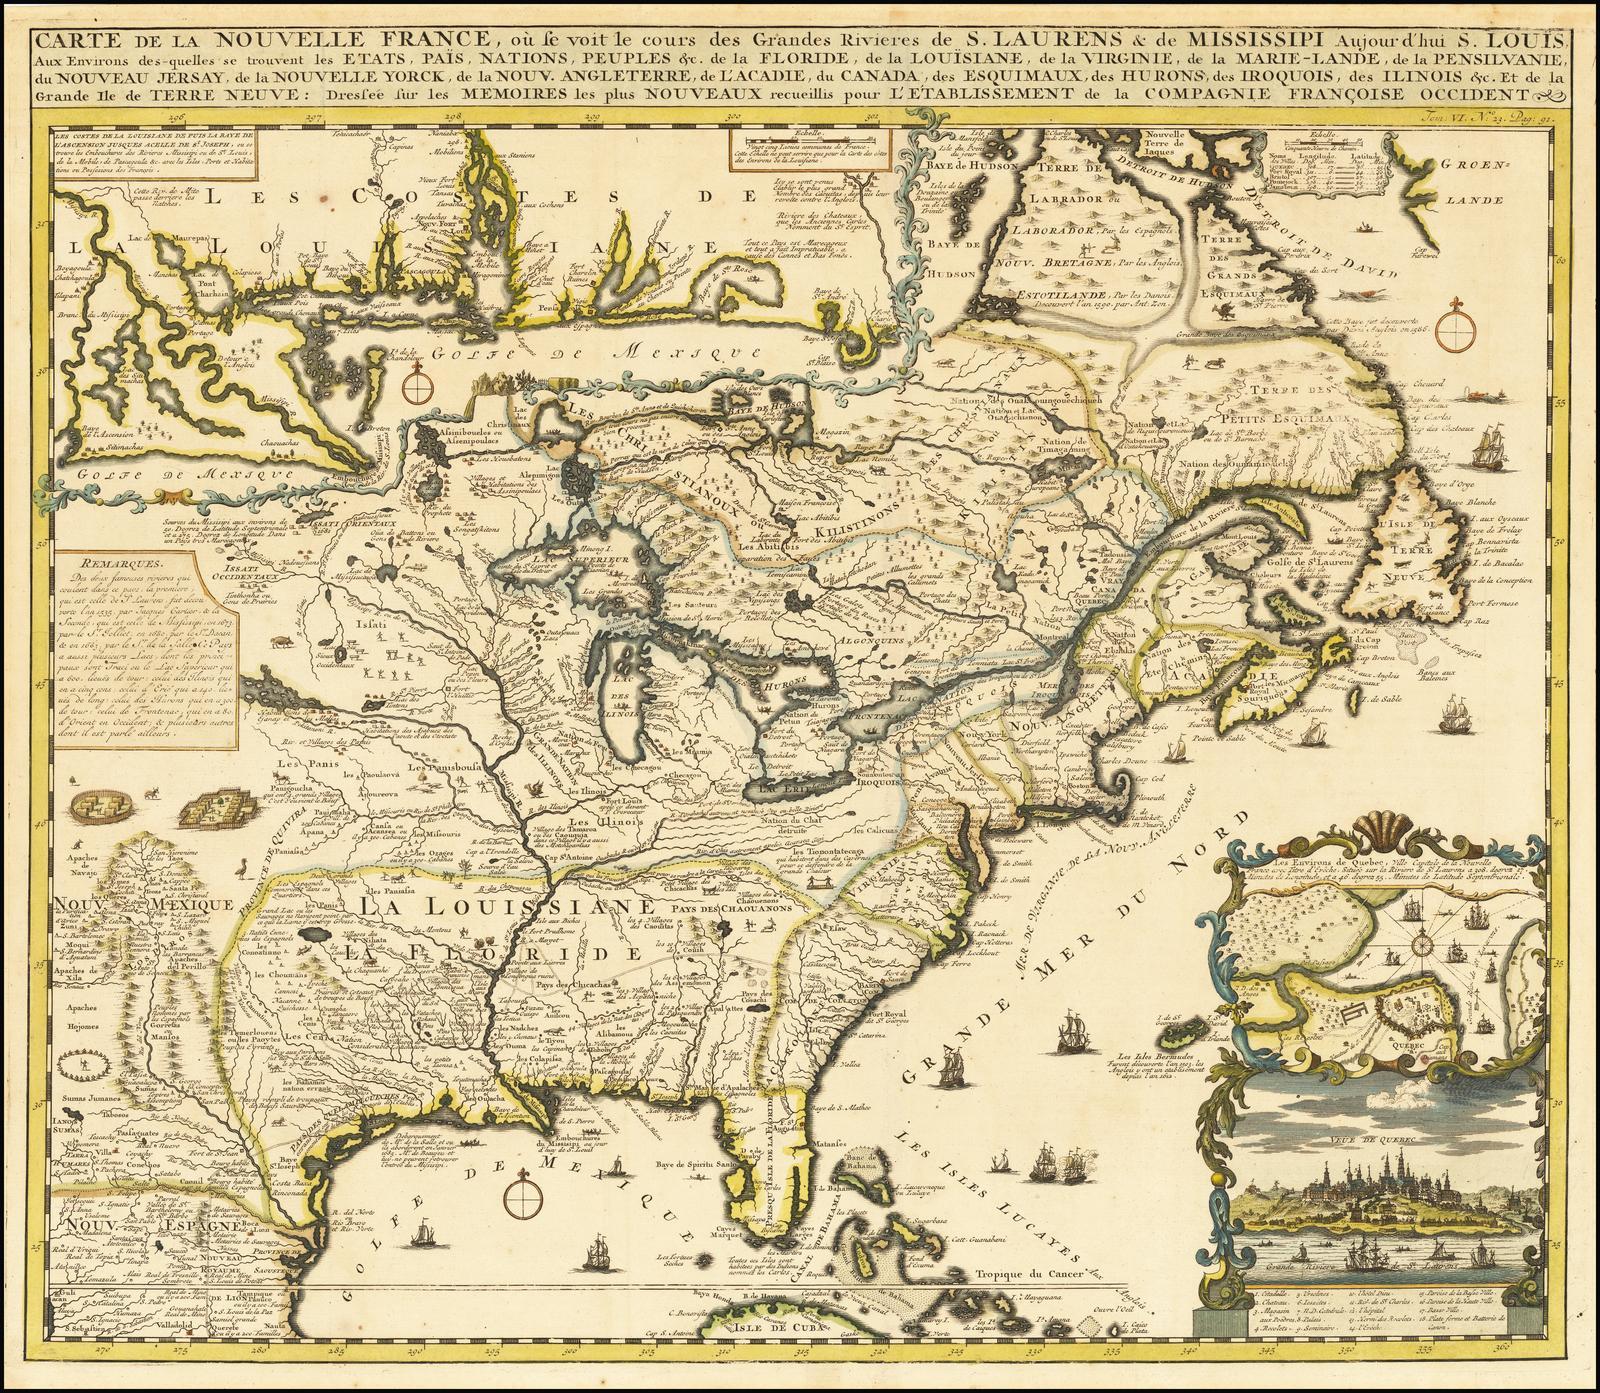 Карта населенных частей Северной Америки Анри Шатлена, основанная на знаковой карте Николаса де Фера опубликованной в 1718 году